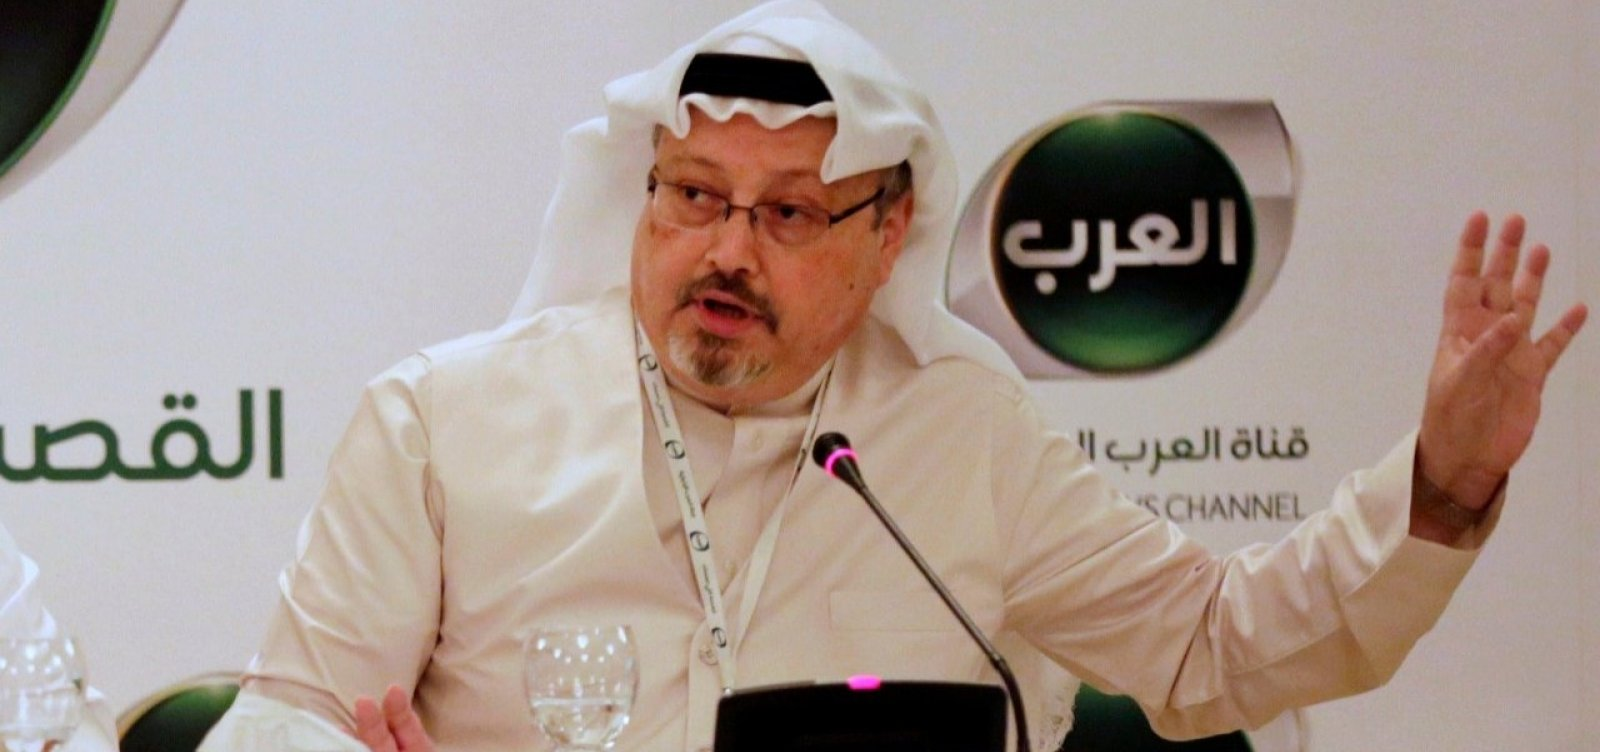 [Arábia Saudita afirma que vai responder a 'ameaças' dos EUA]